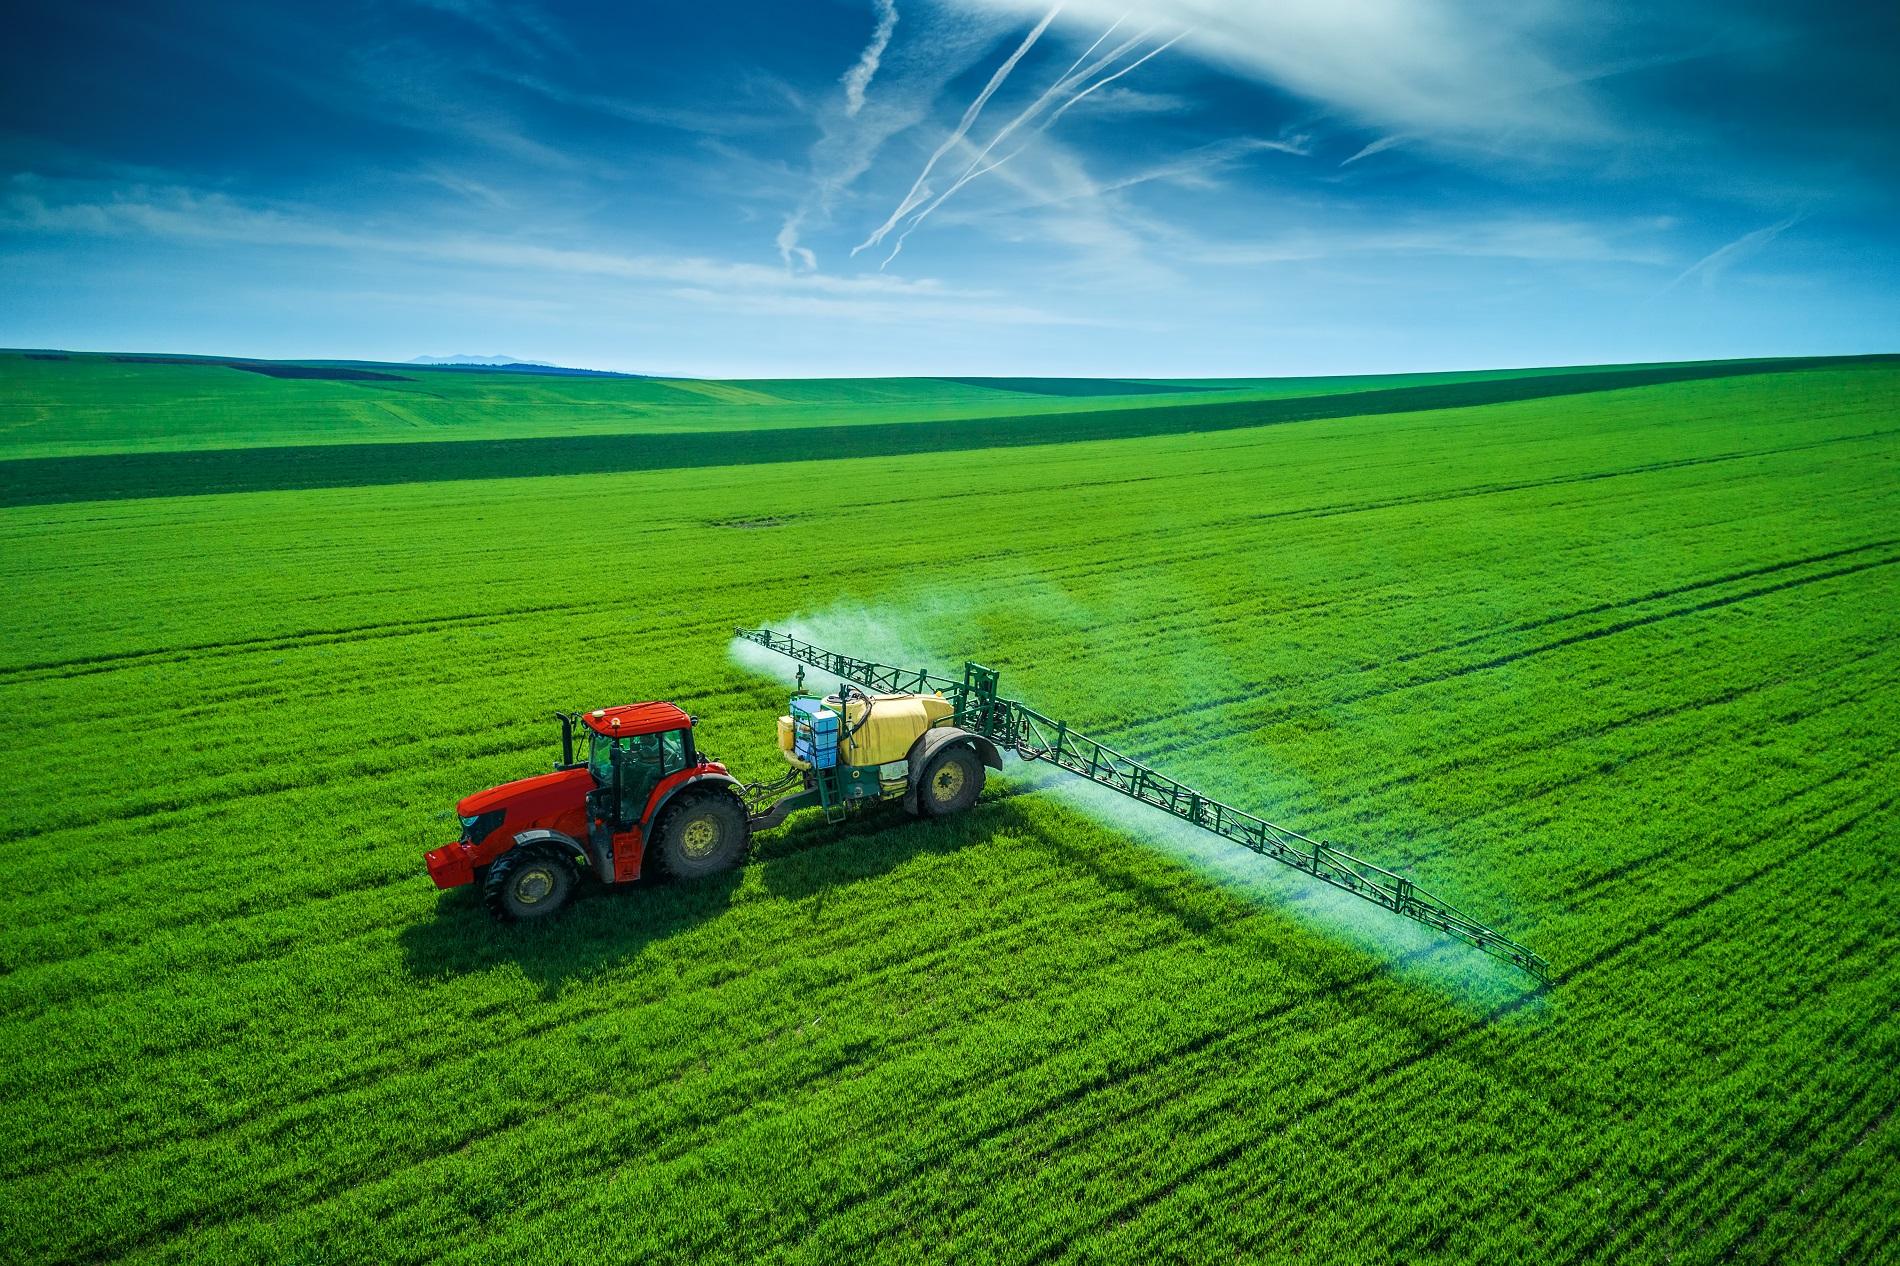 ¿Qué medidas de prevención debes aplicar en el uso de fitosanitarios?